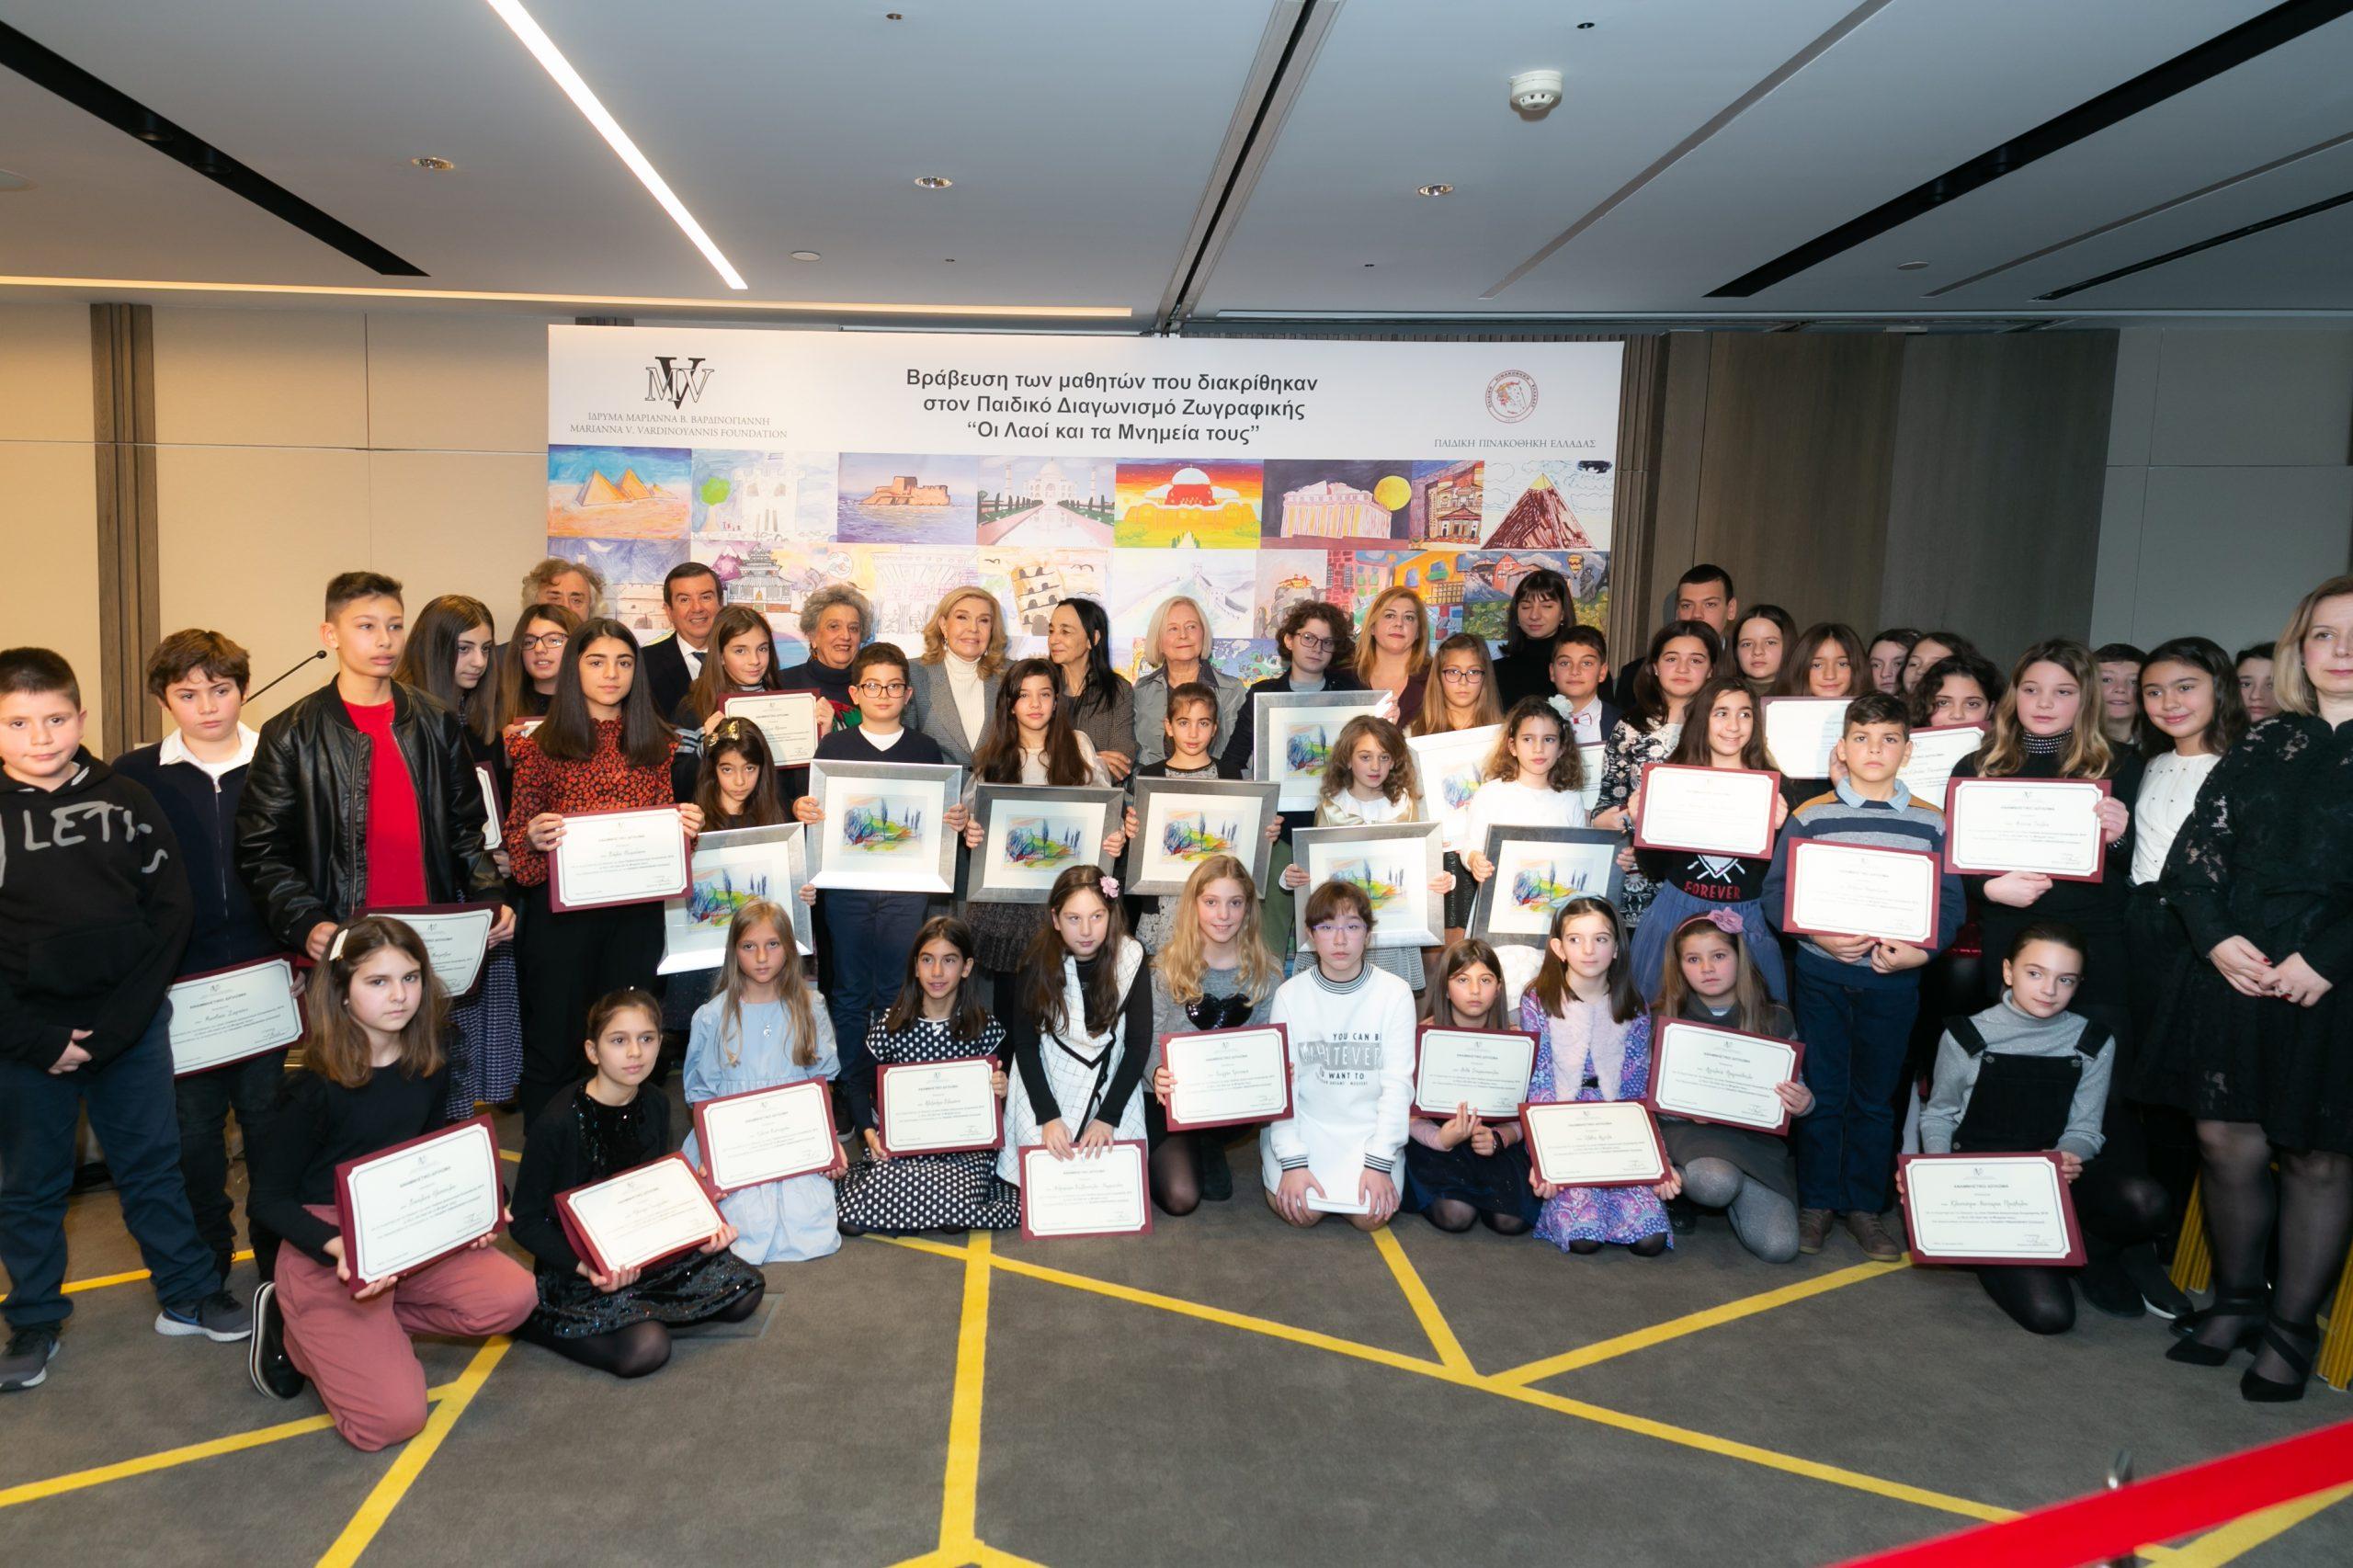 Πραγματοποιήθηκε η απονομή των Βραβείων Μαθητικού Διαγωνισμού Ζωγραφικής 2019 από το Ίδρυμα «Μαριάννα Β. Βαρδινογιάννη»